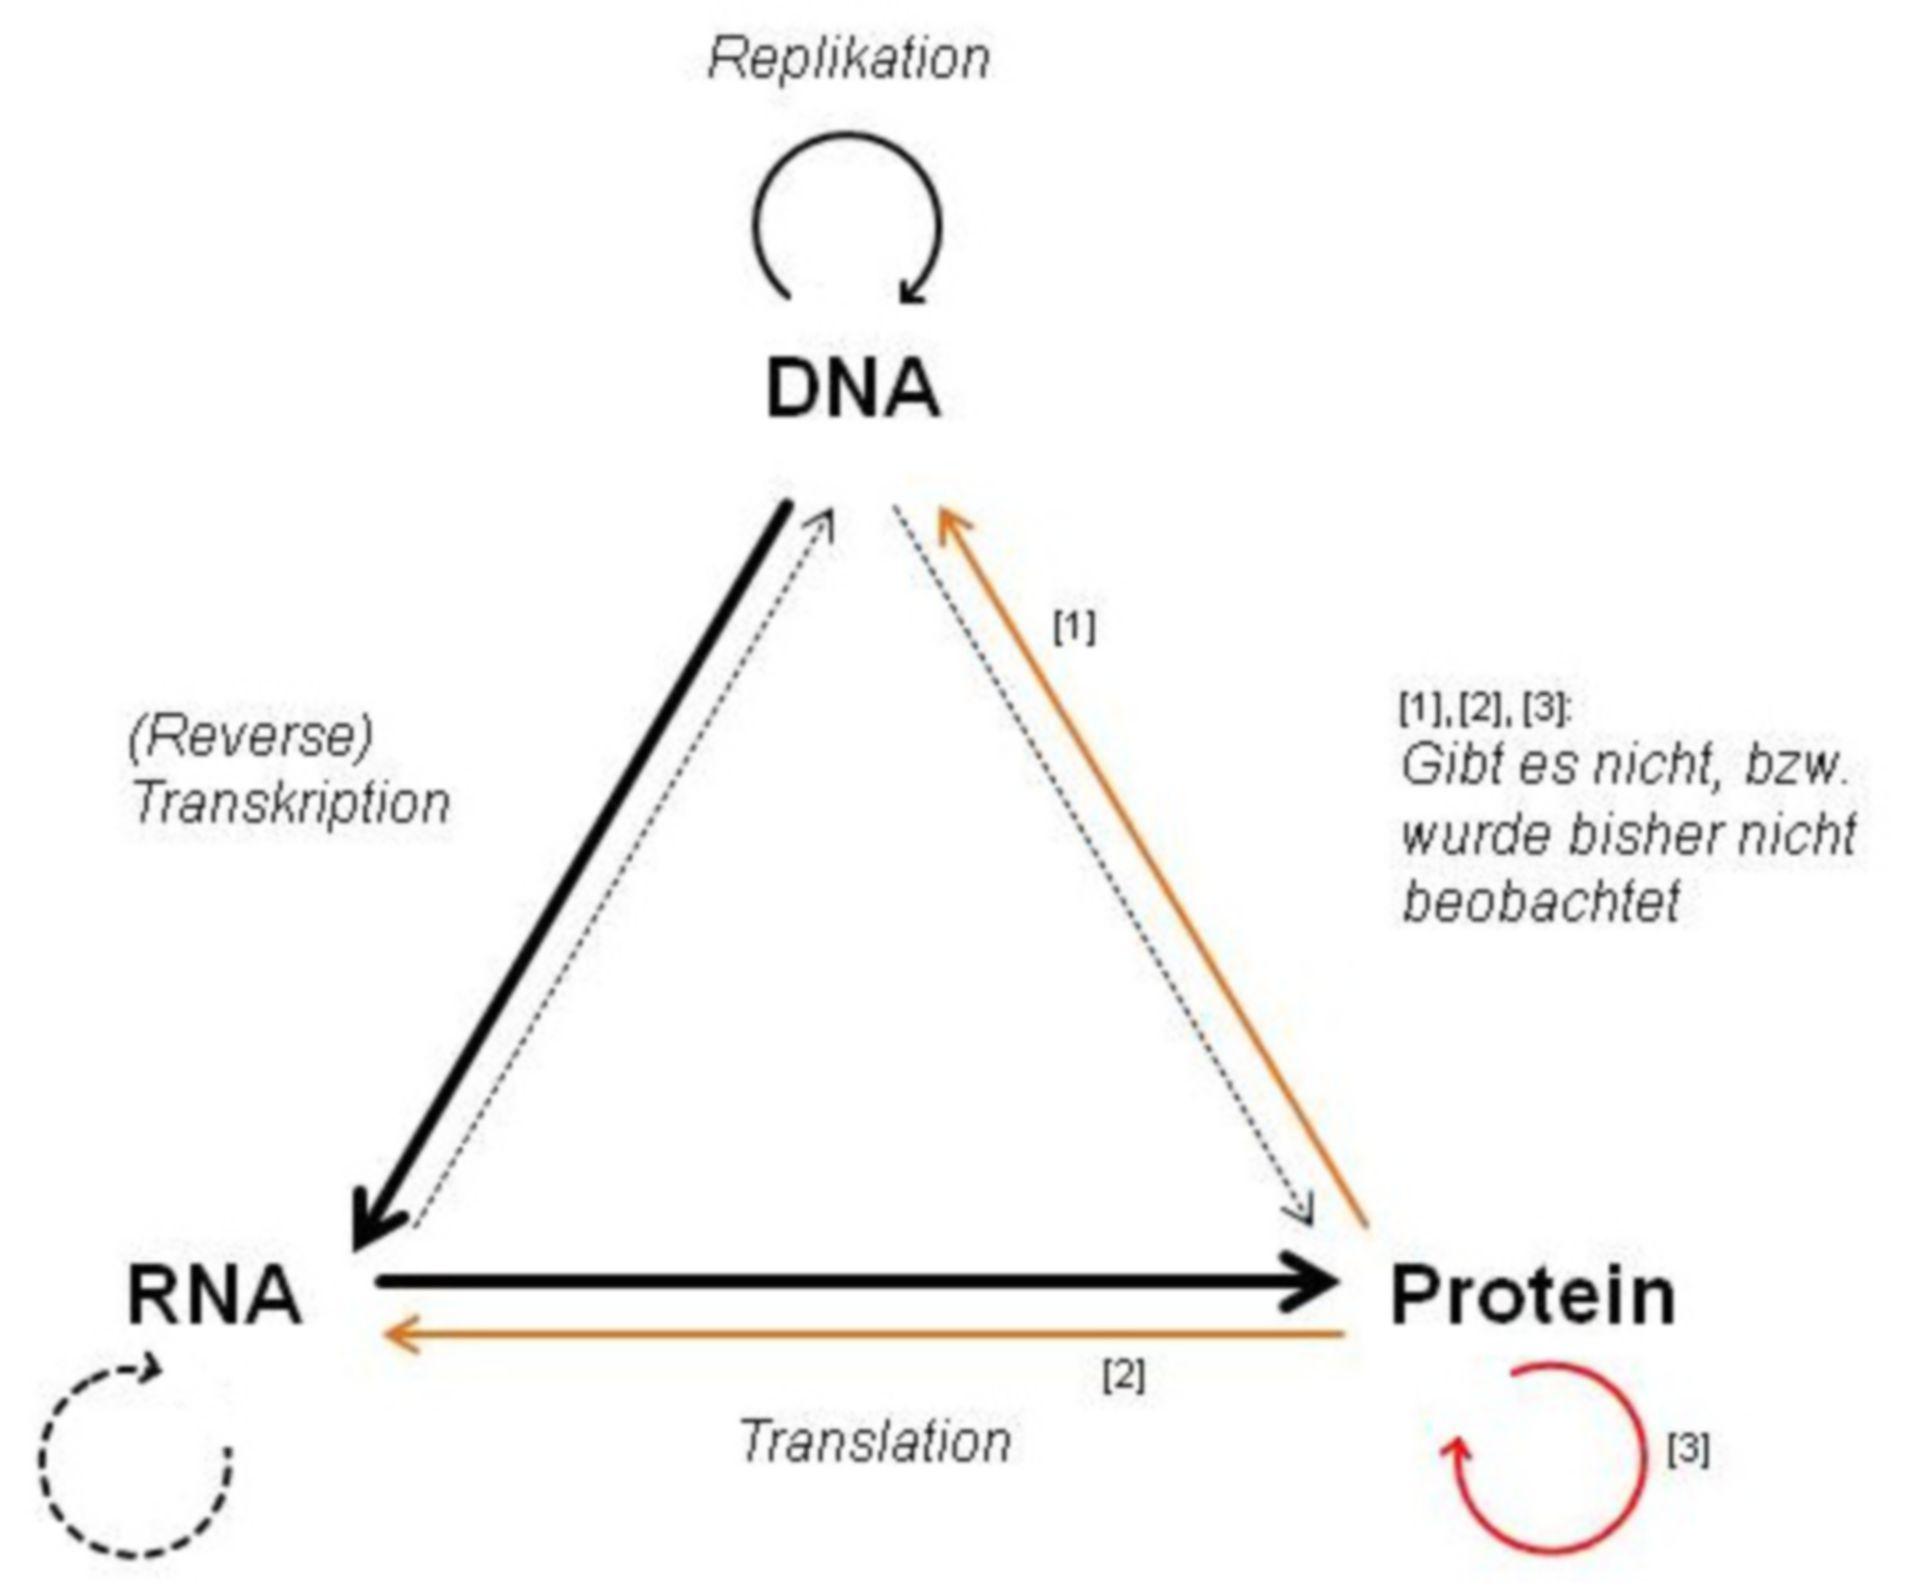 Zentrales Dogma der Molekularbiologie